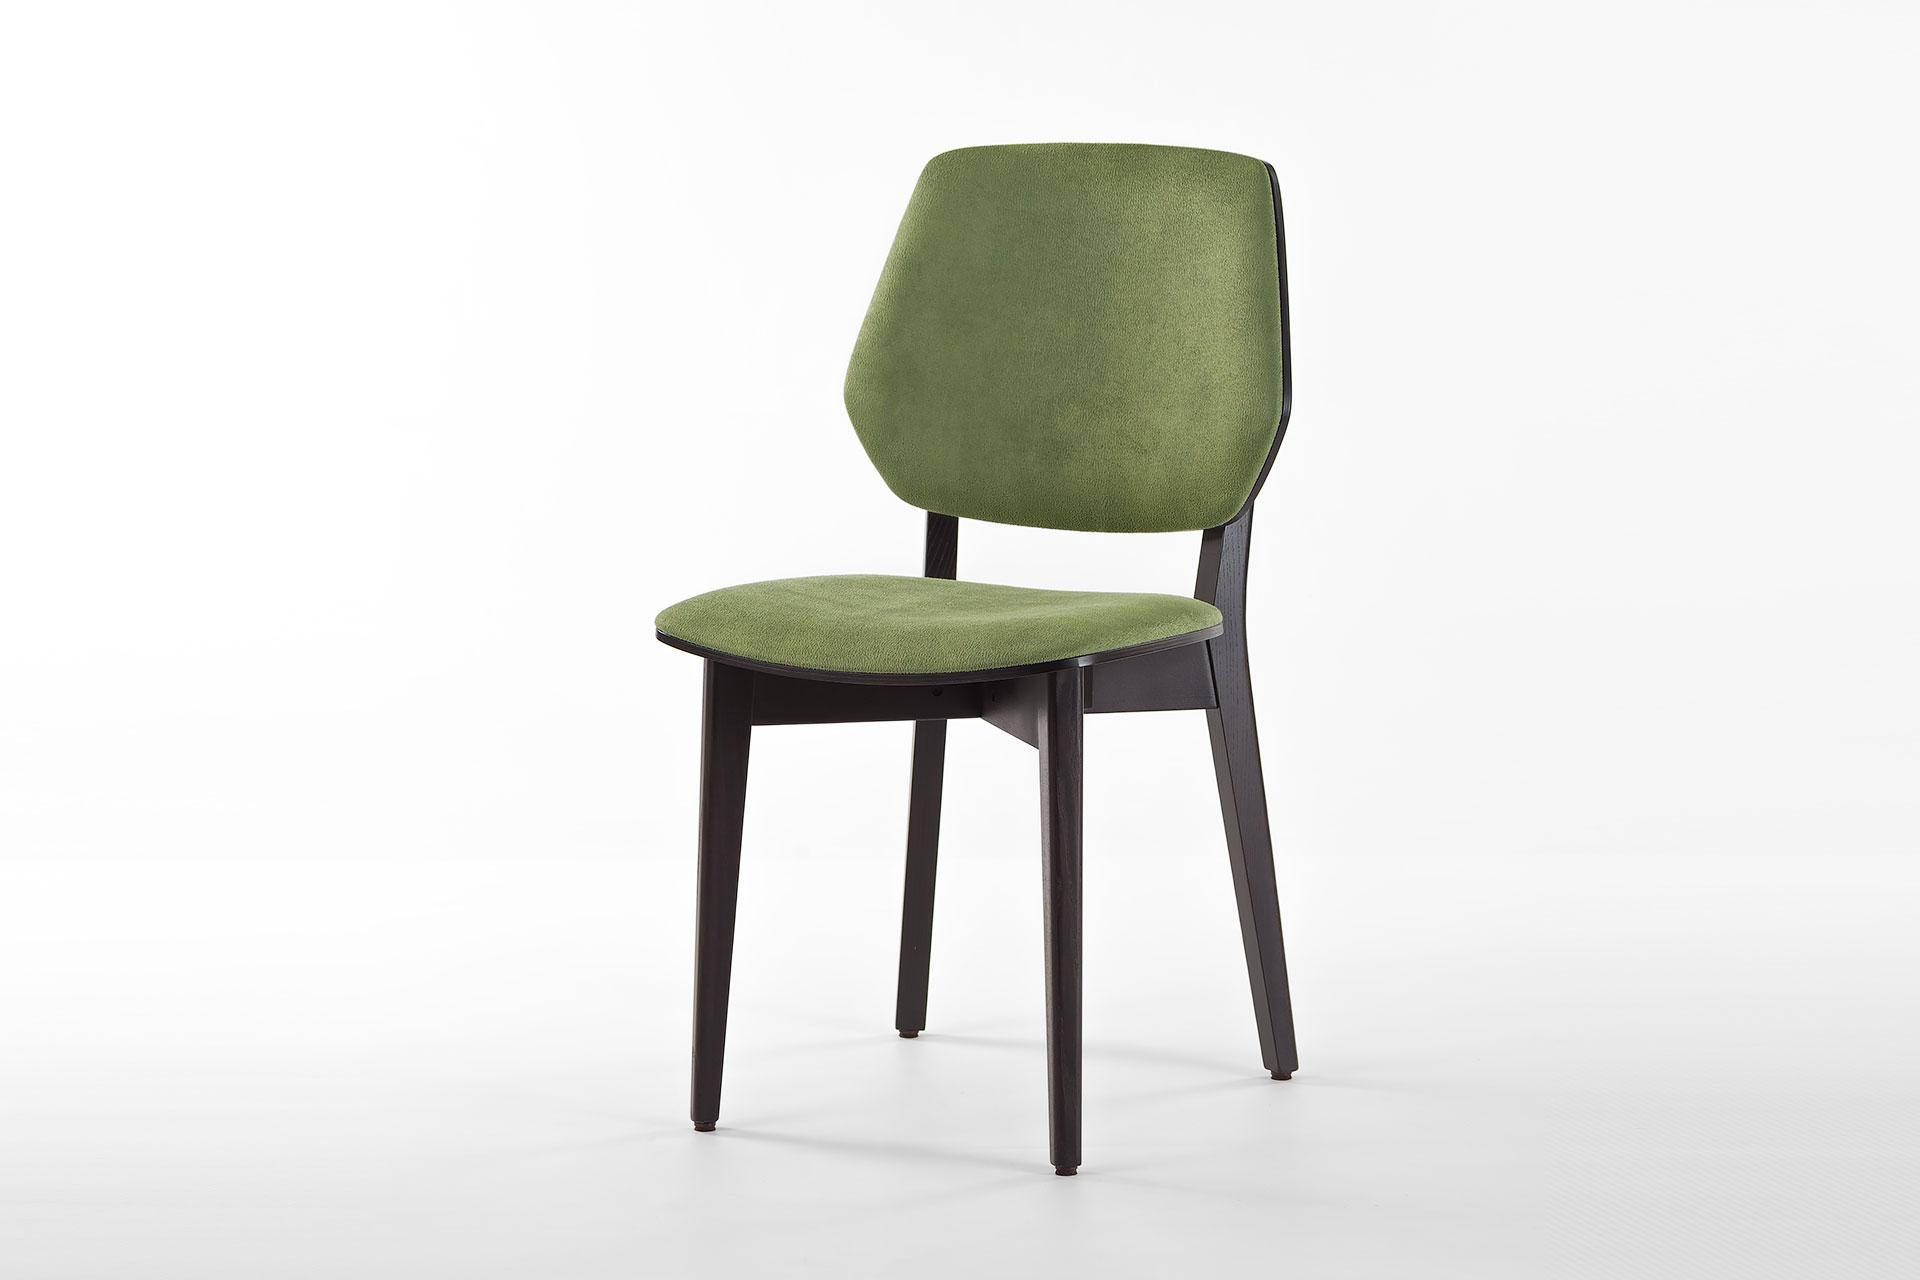 Кухонный стул 03В черно-зеленый, с мягкими сиденьем и спинкой из искусственной замши, Exim Mustang Light Green твердое дерево, цвет изделия SE7059